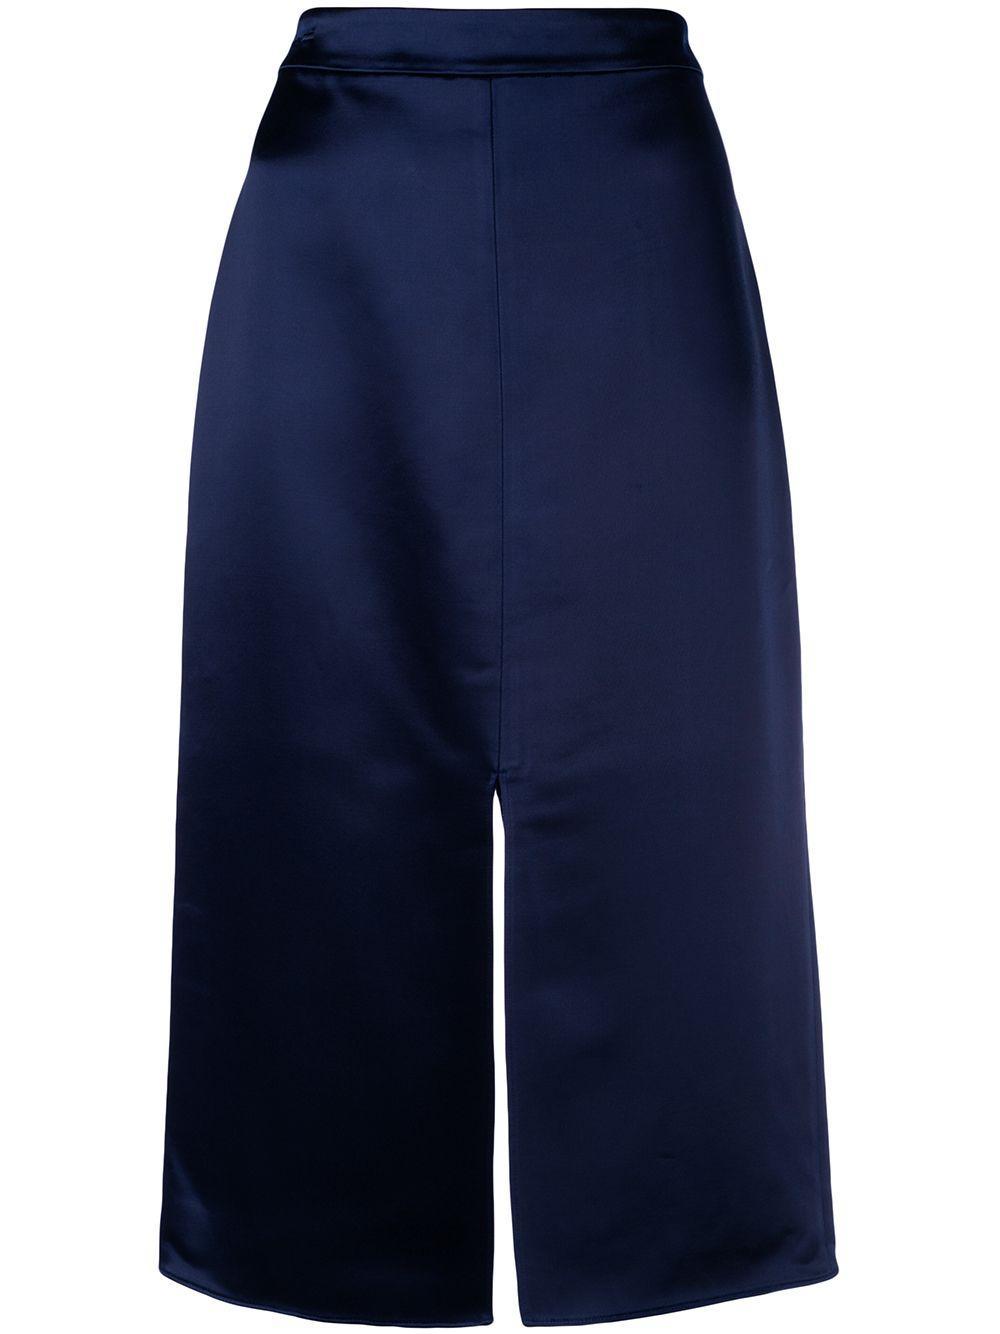 Tibi юбка-карандаш с разрезом спереди